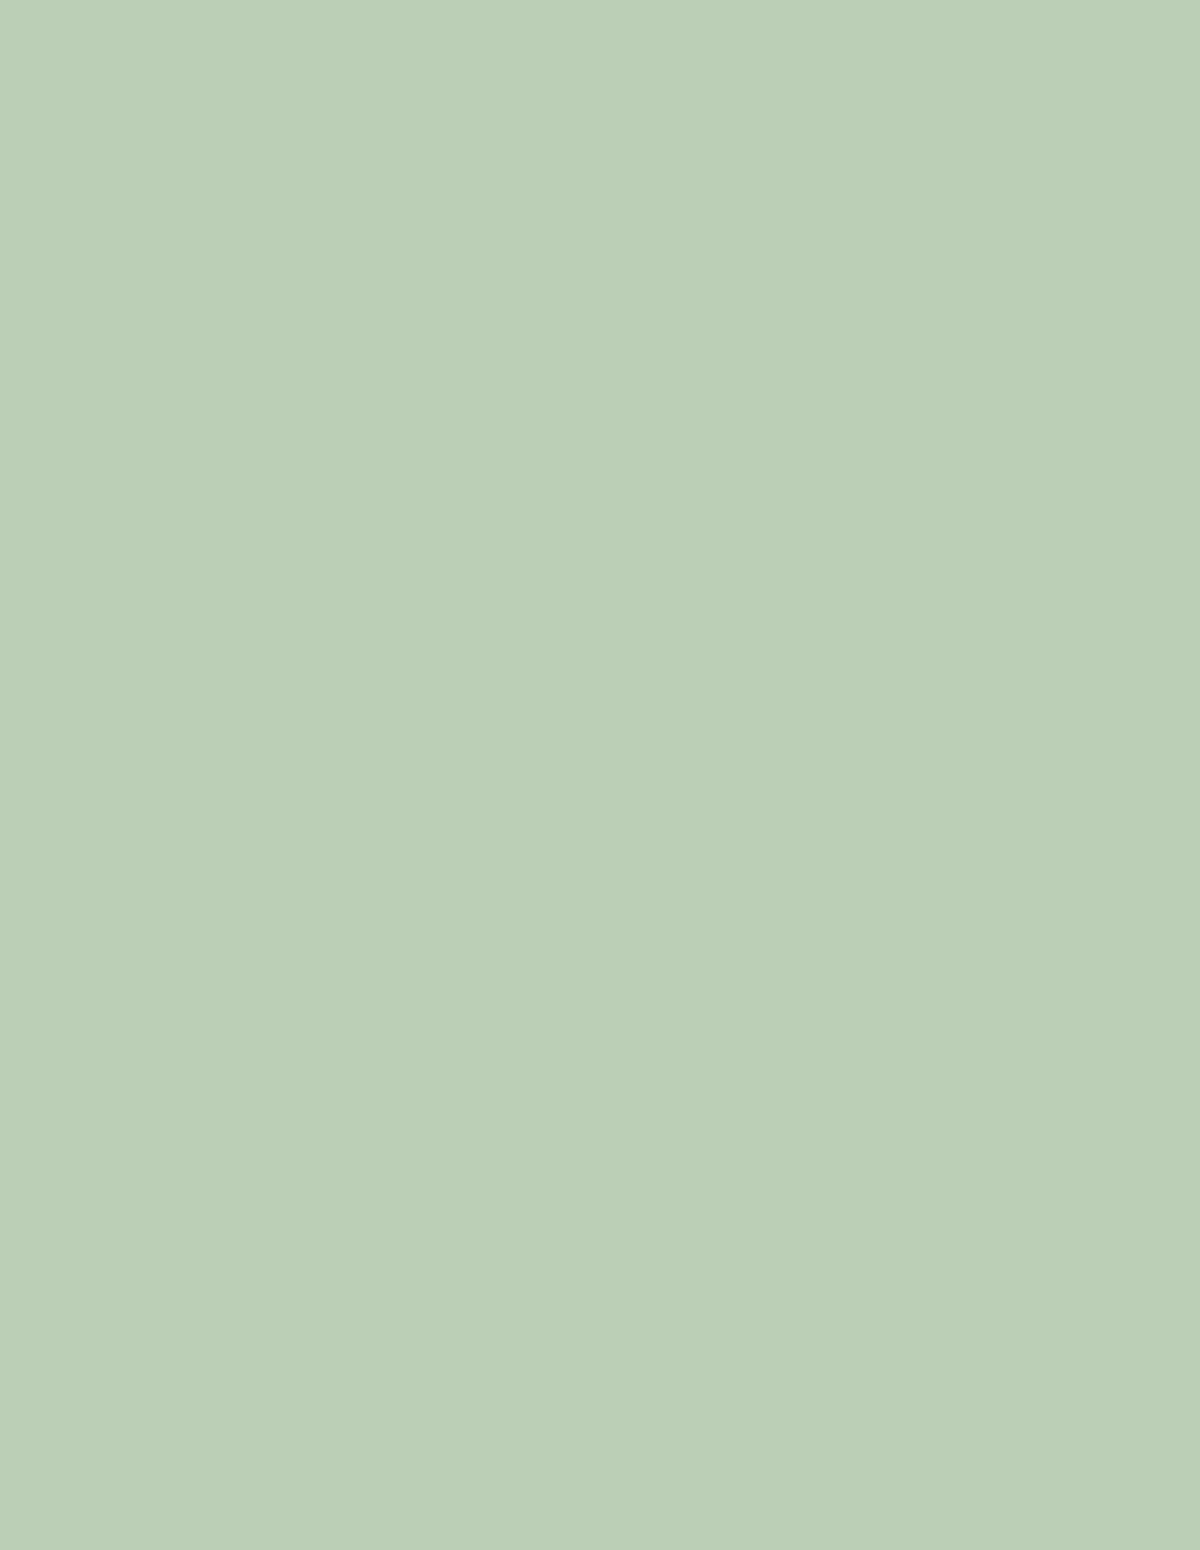 Vert De Mer N 1950 Peinture Haut De Gamme Peintures1825